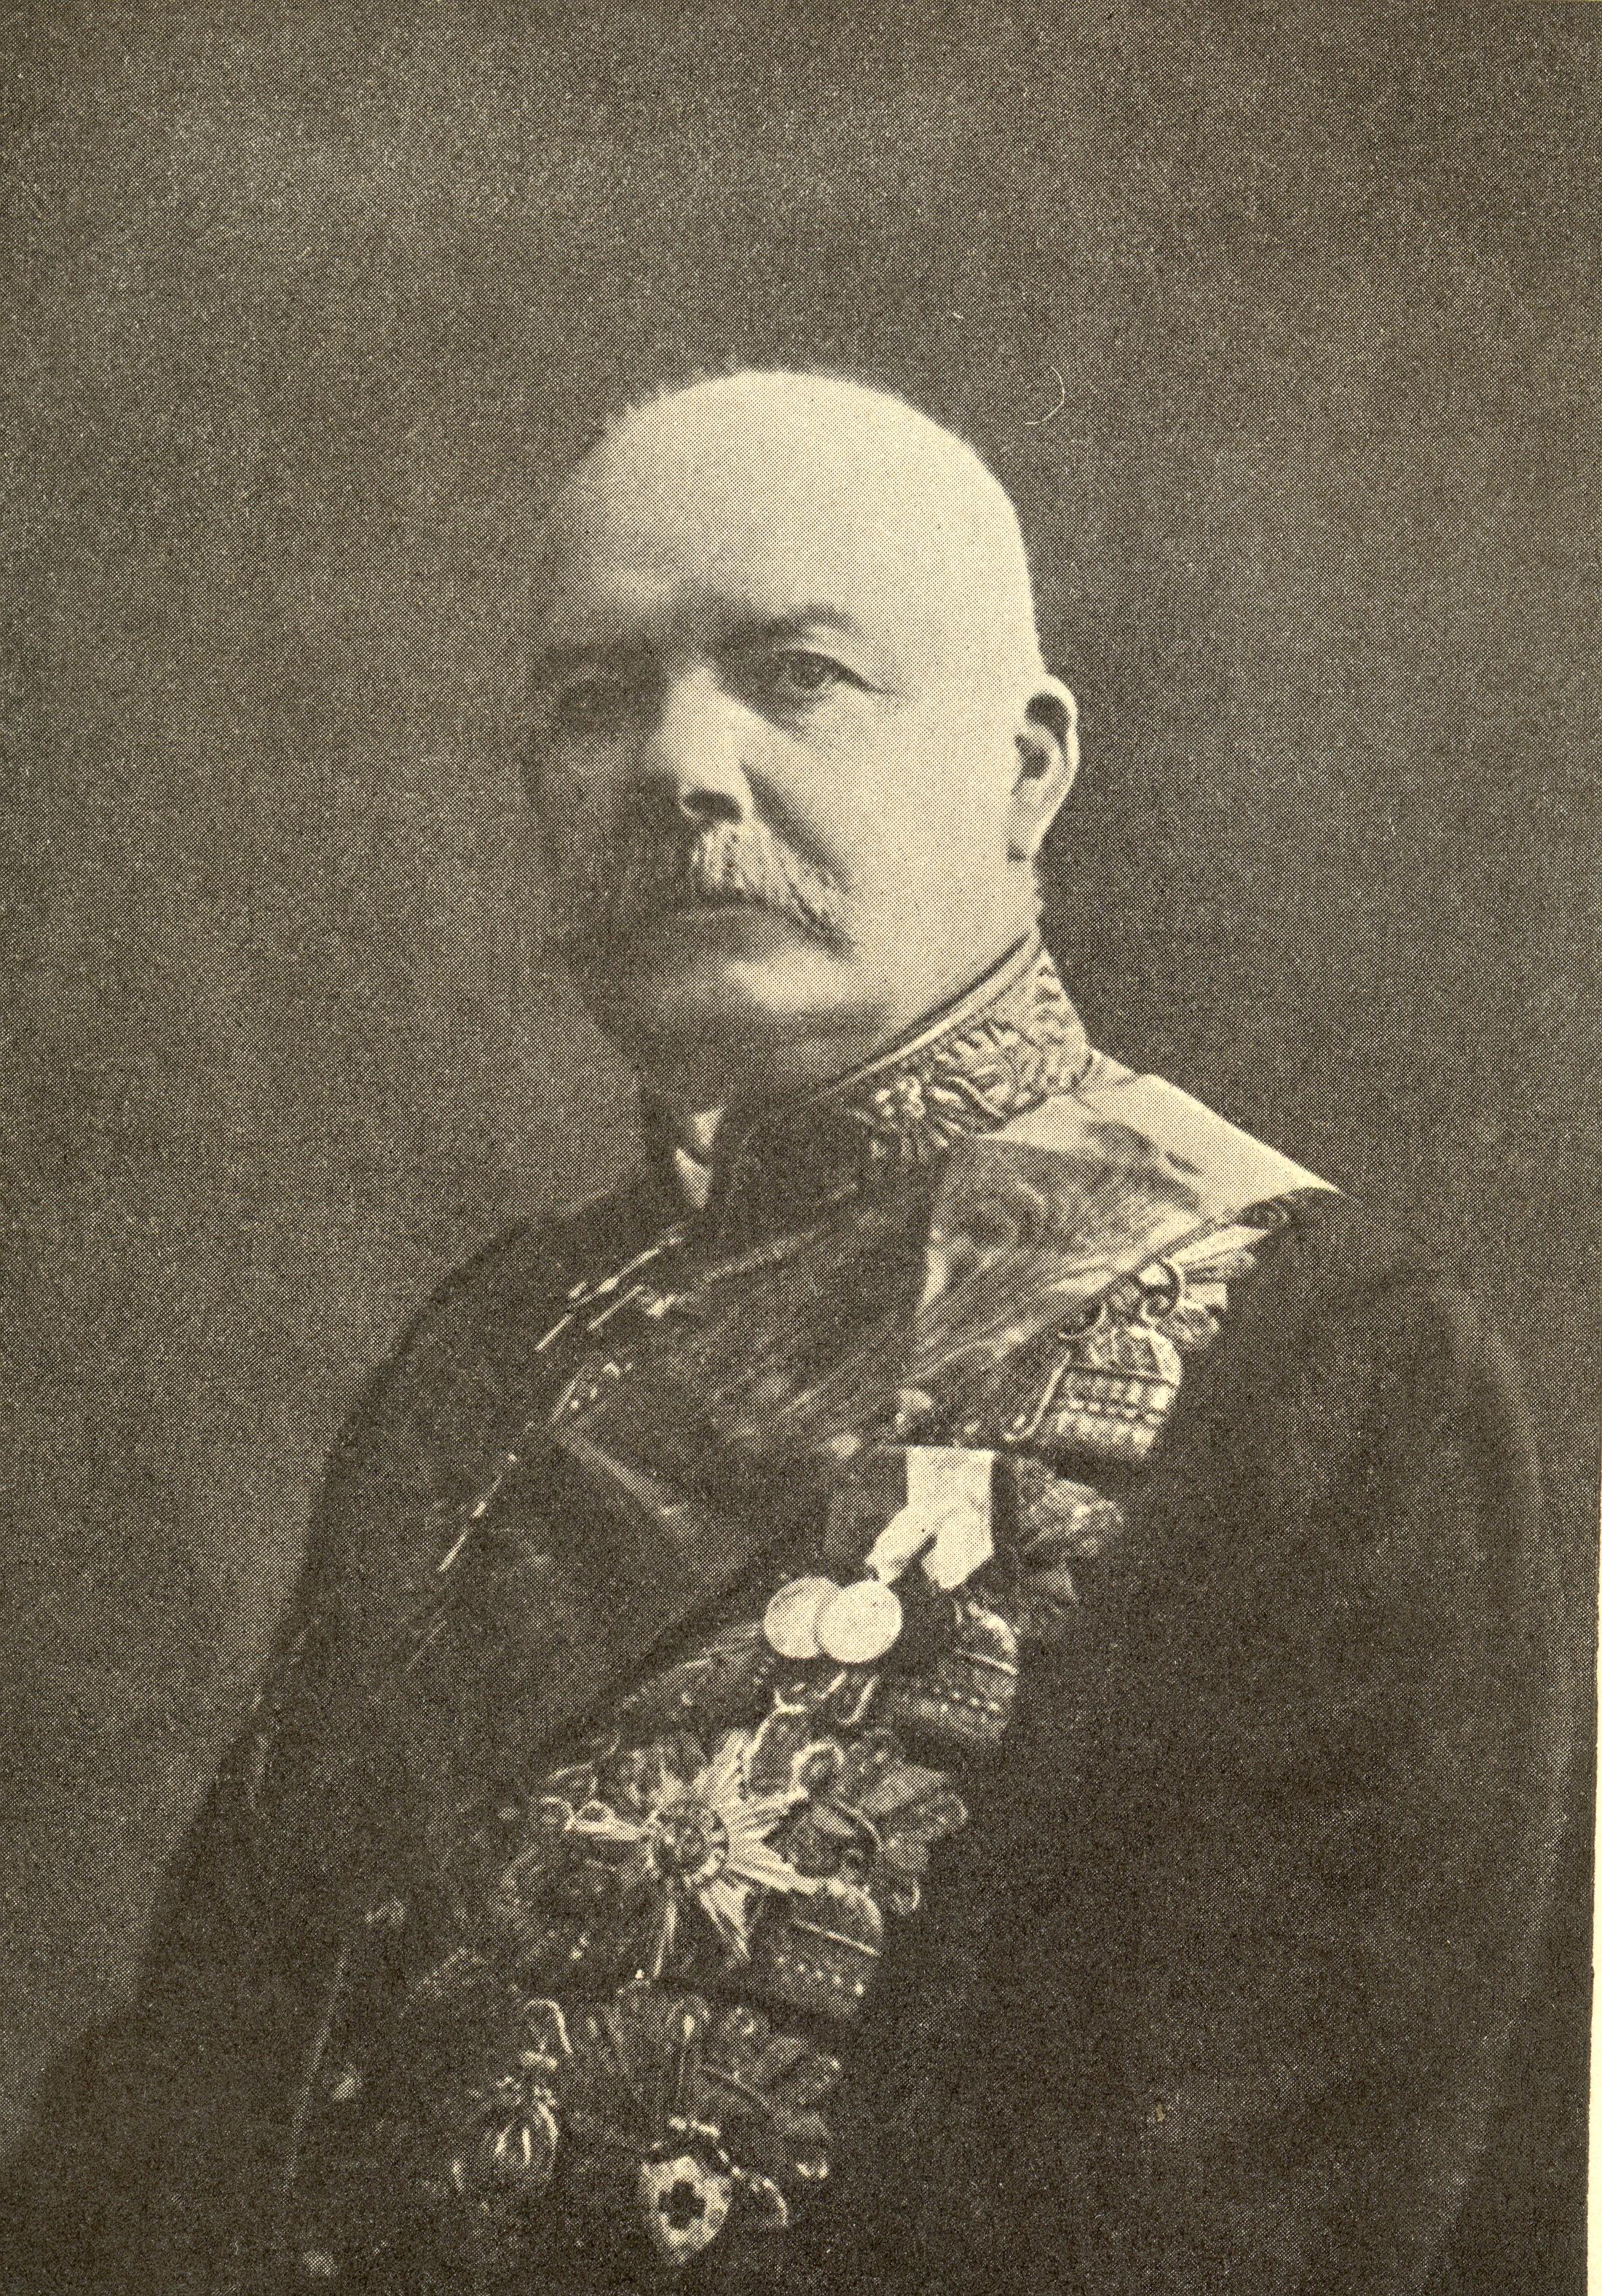 Александр Семёнович Брянчанинов (28 октября 1843 — 26 декабря 1910) — российский государственный деятель, Самарский губернатор в 1891—1904 гг.